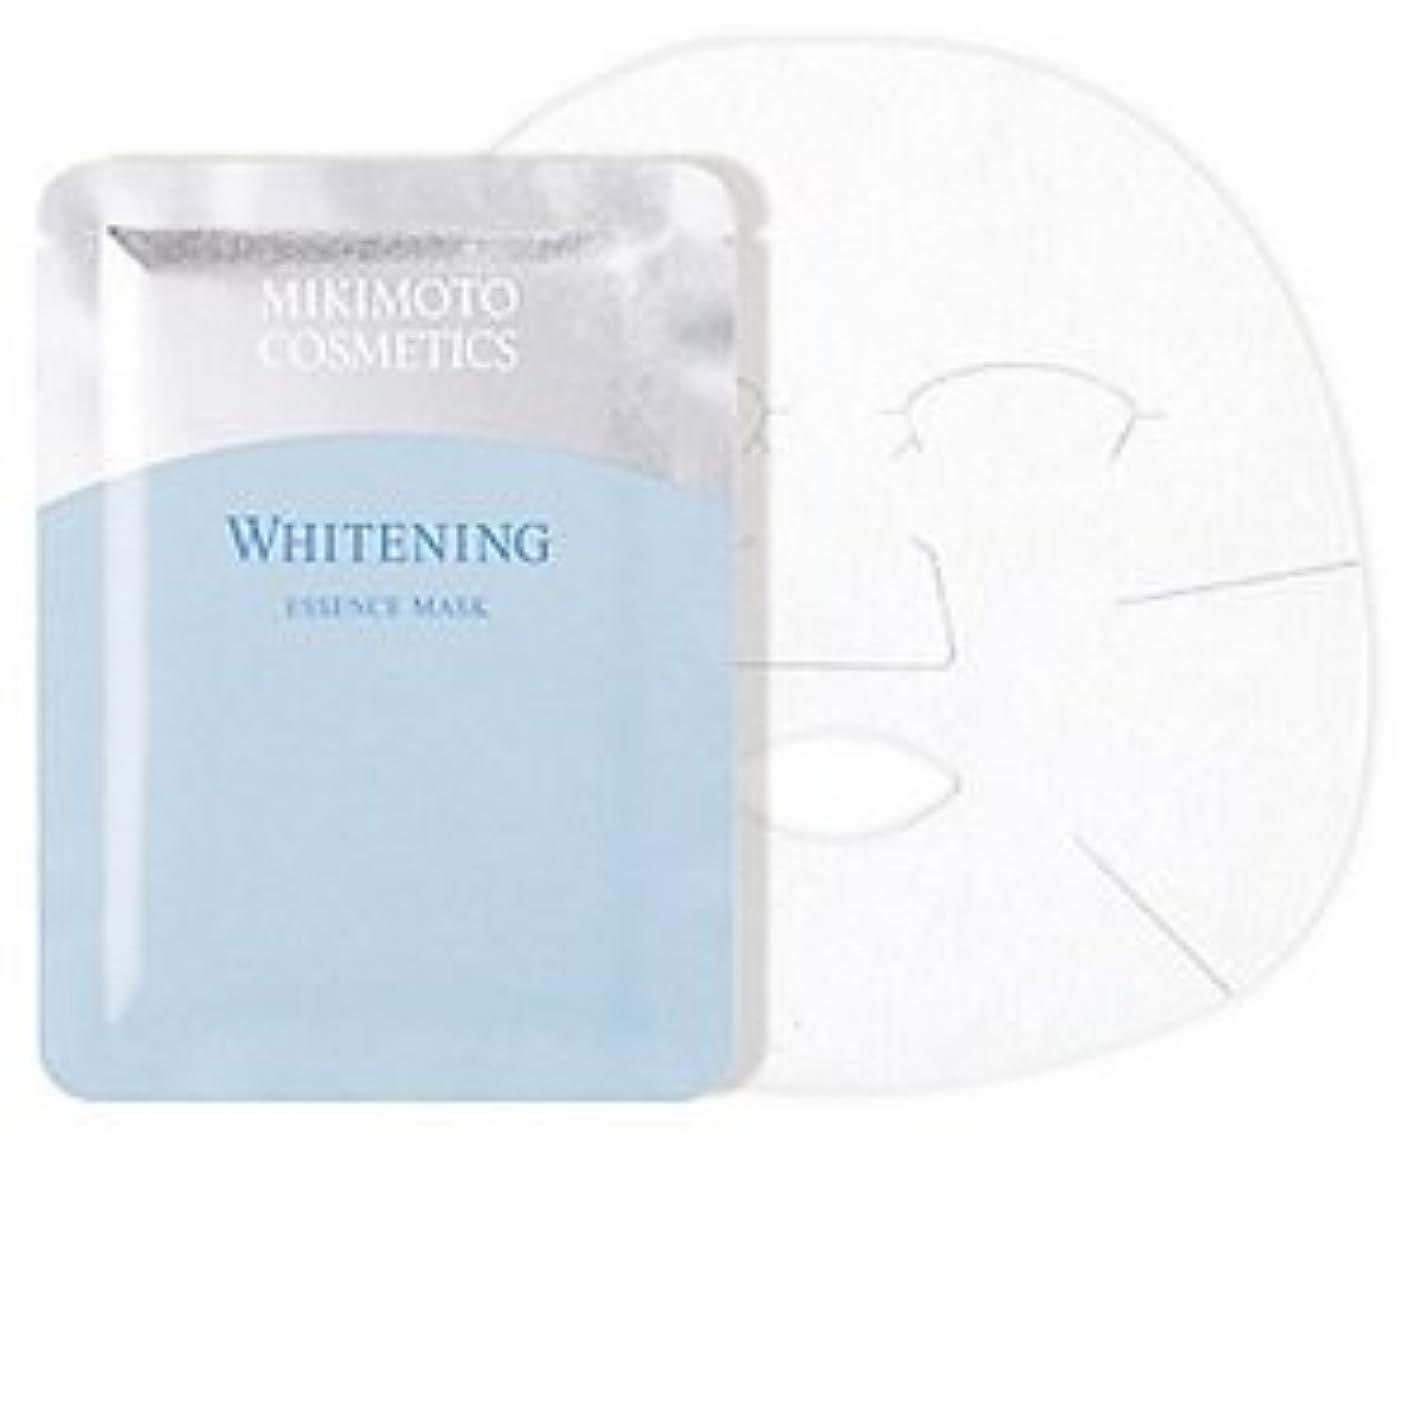 心理的グリップ困惑ミキモト ホワイトニング エッセンス マスク 21mlx6枚入 薬用美白状シートマスク